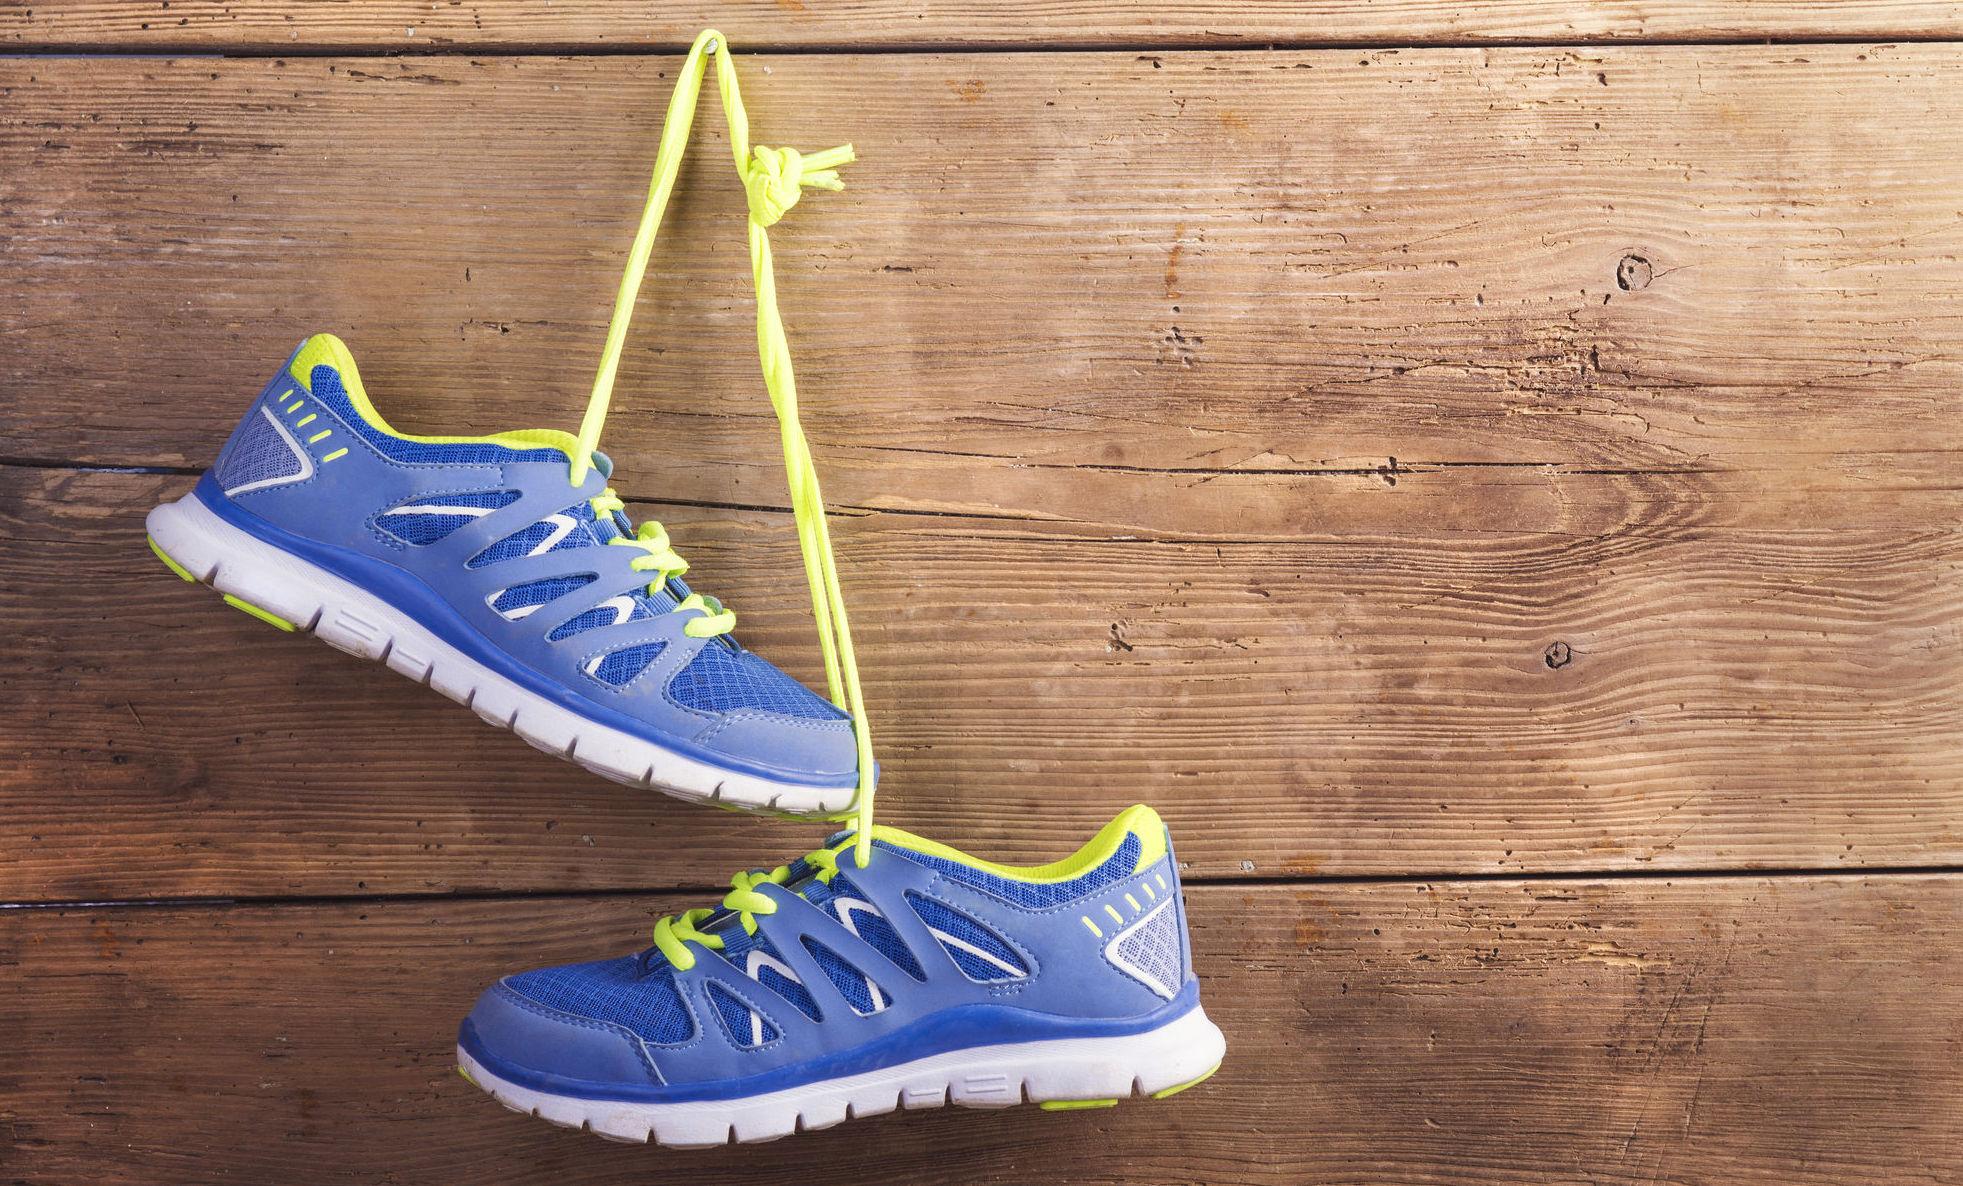 Migliori scarpe running da uomo 2020: Guida all'acquisto